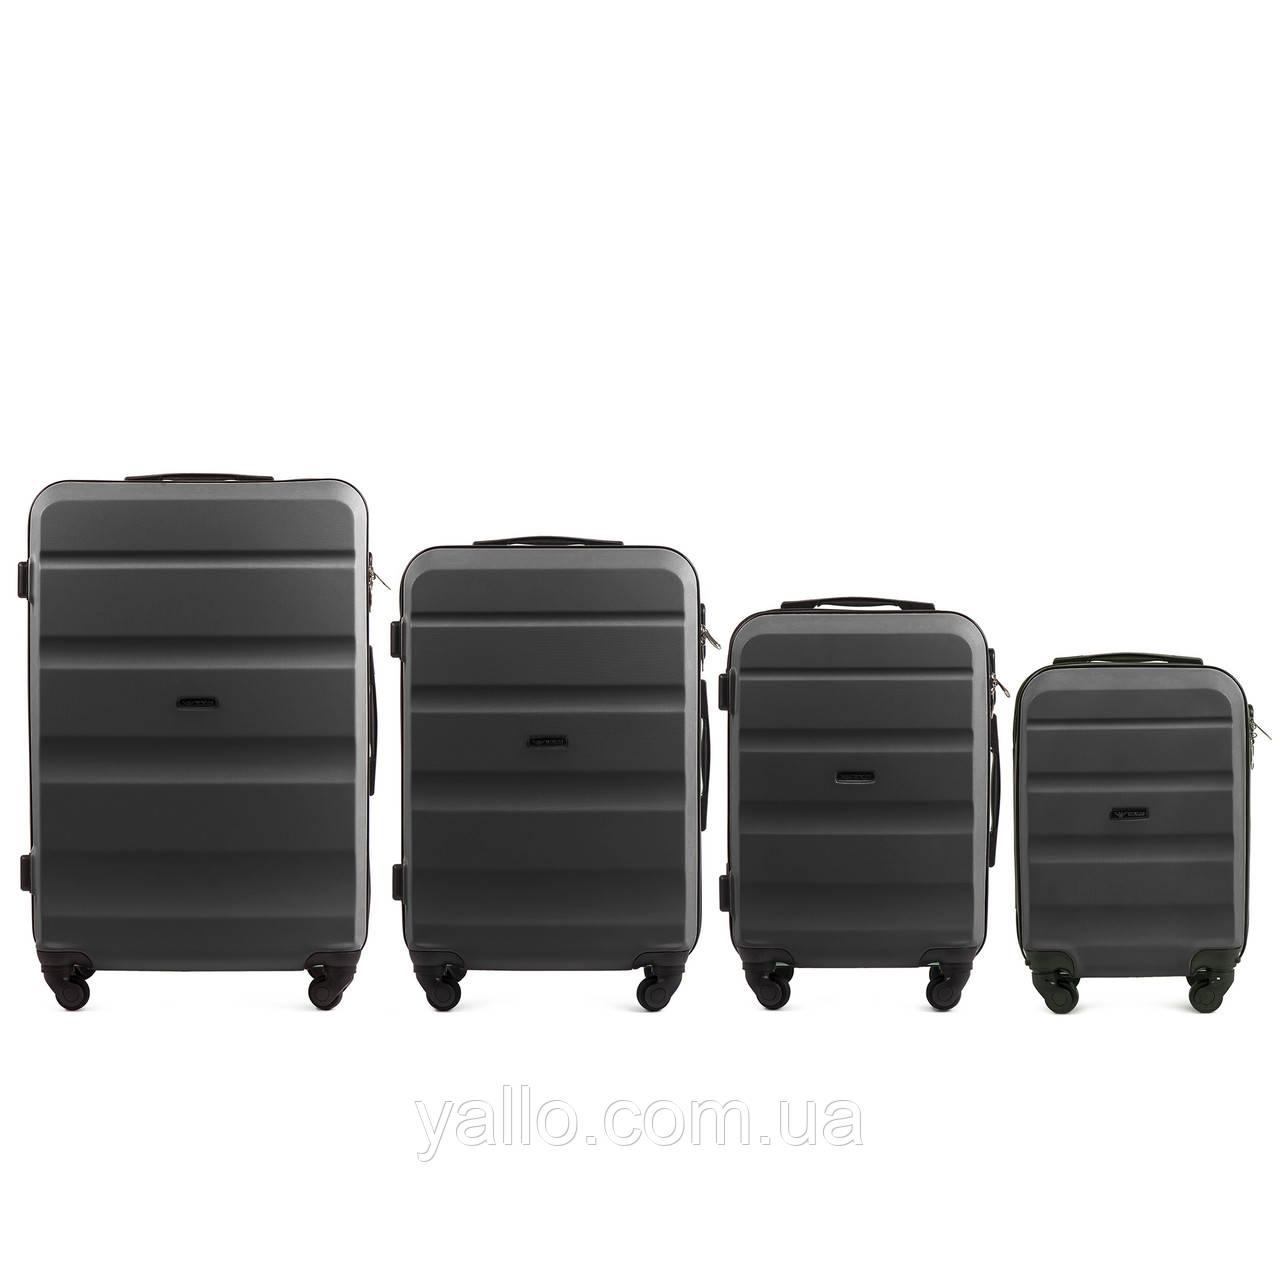 Чемоданы Надежные! Комплект чемоданов из поликарбоната WINGS AT01 Dr.Grey